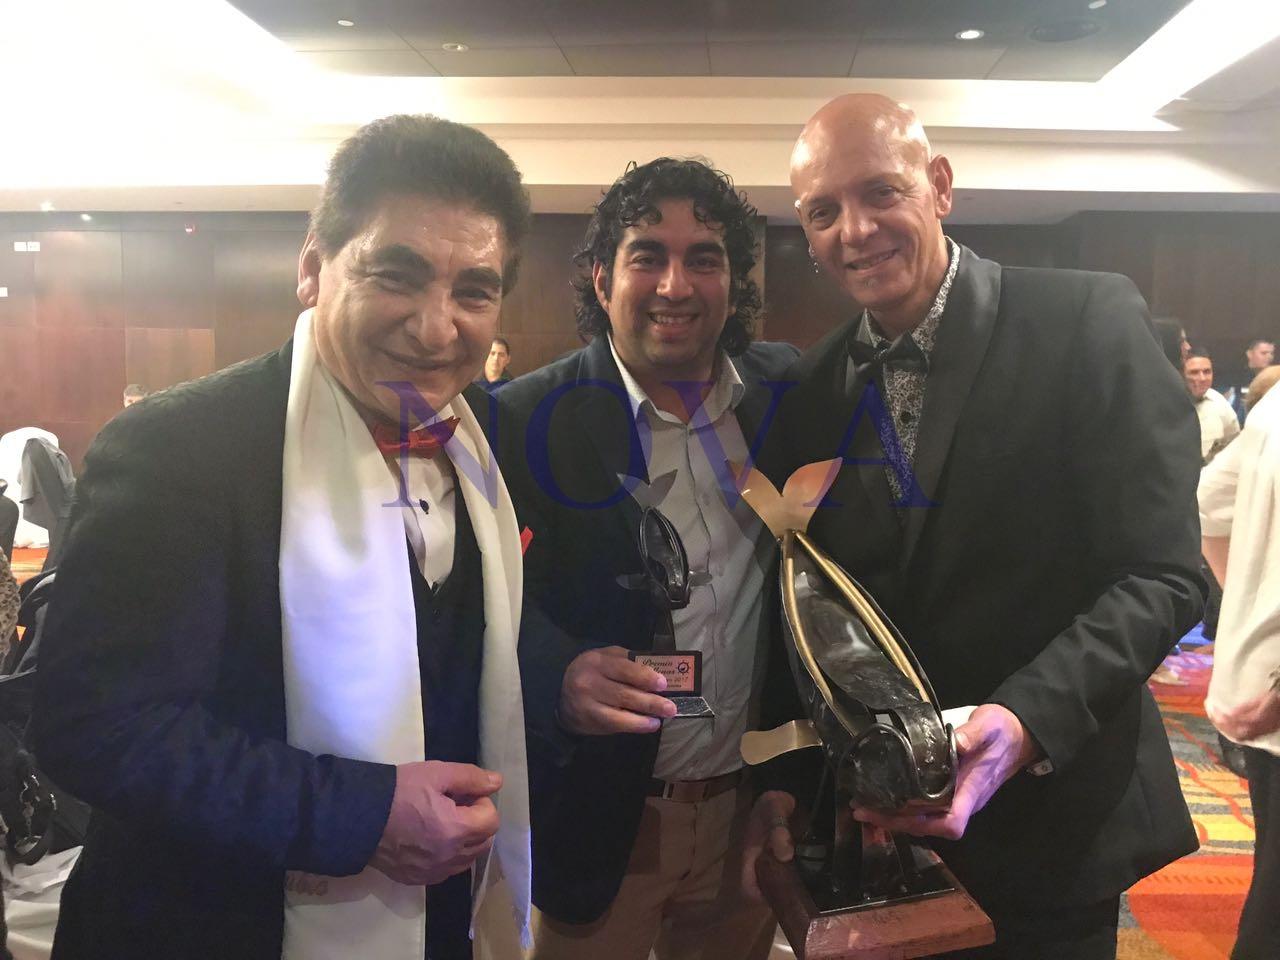 El último sábado, en la localidad chubutense de Puerto Madryn, se llevó a cabo la entrega de Premios Ballenas, en su segunda edición, donde se destacó la labor de los medios de comunicación de casi todo el país, en una noche con diversos números musicales.